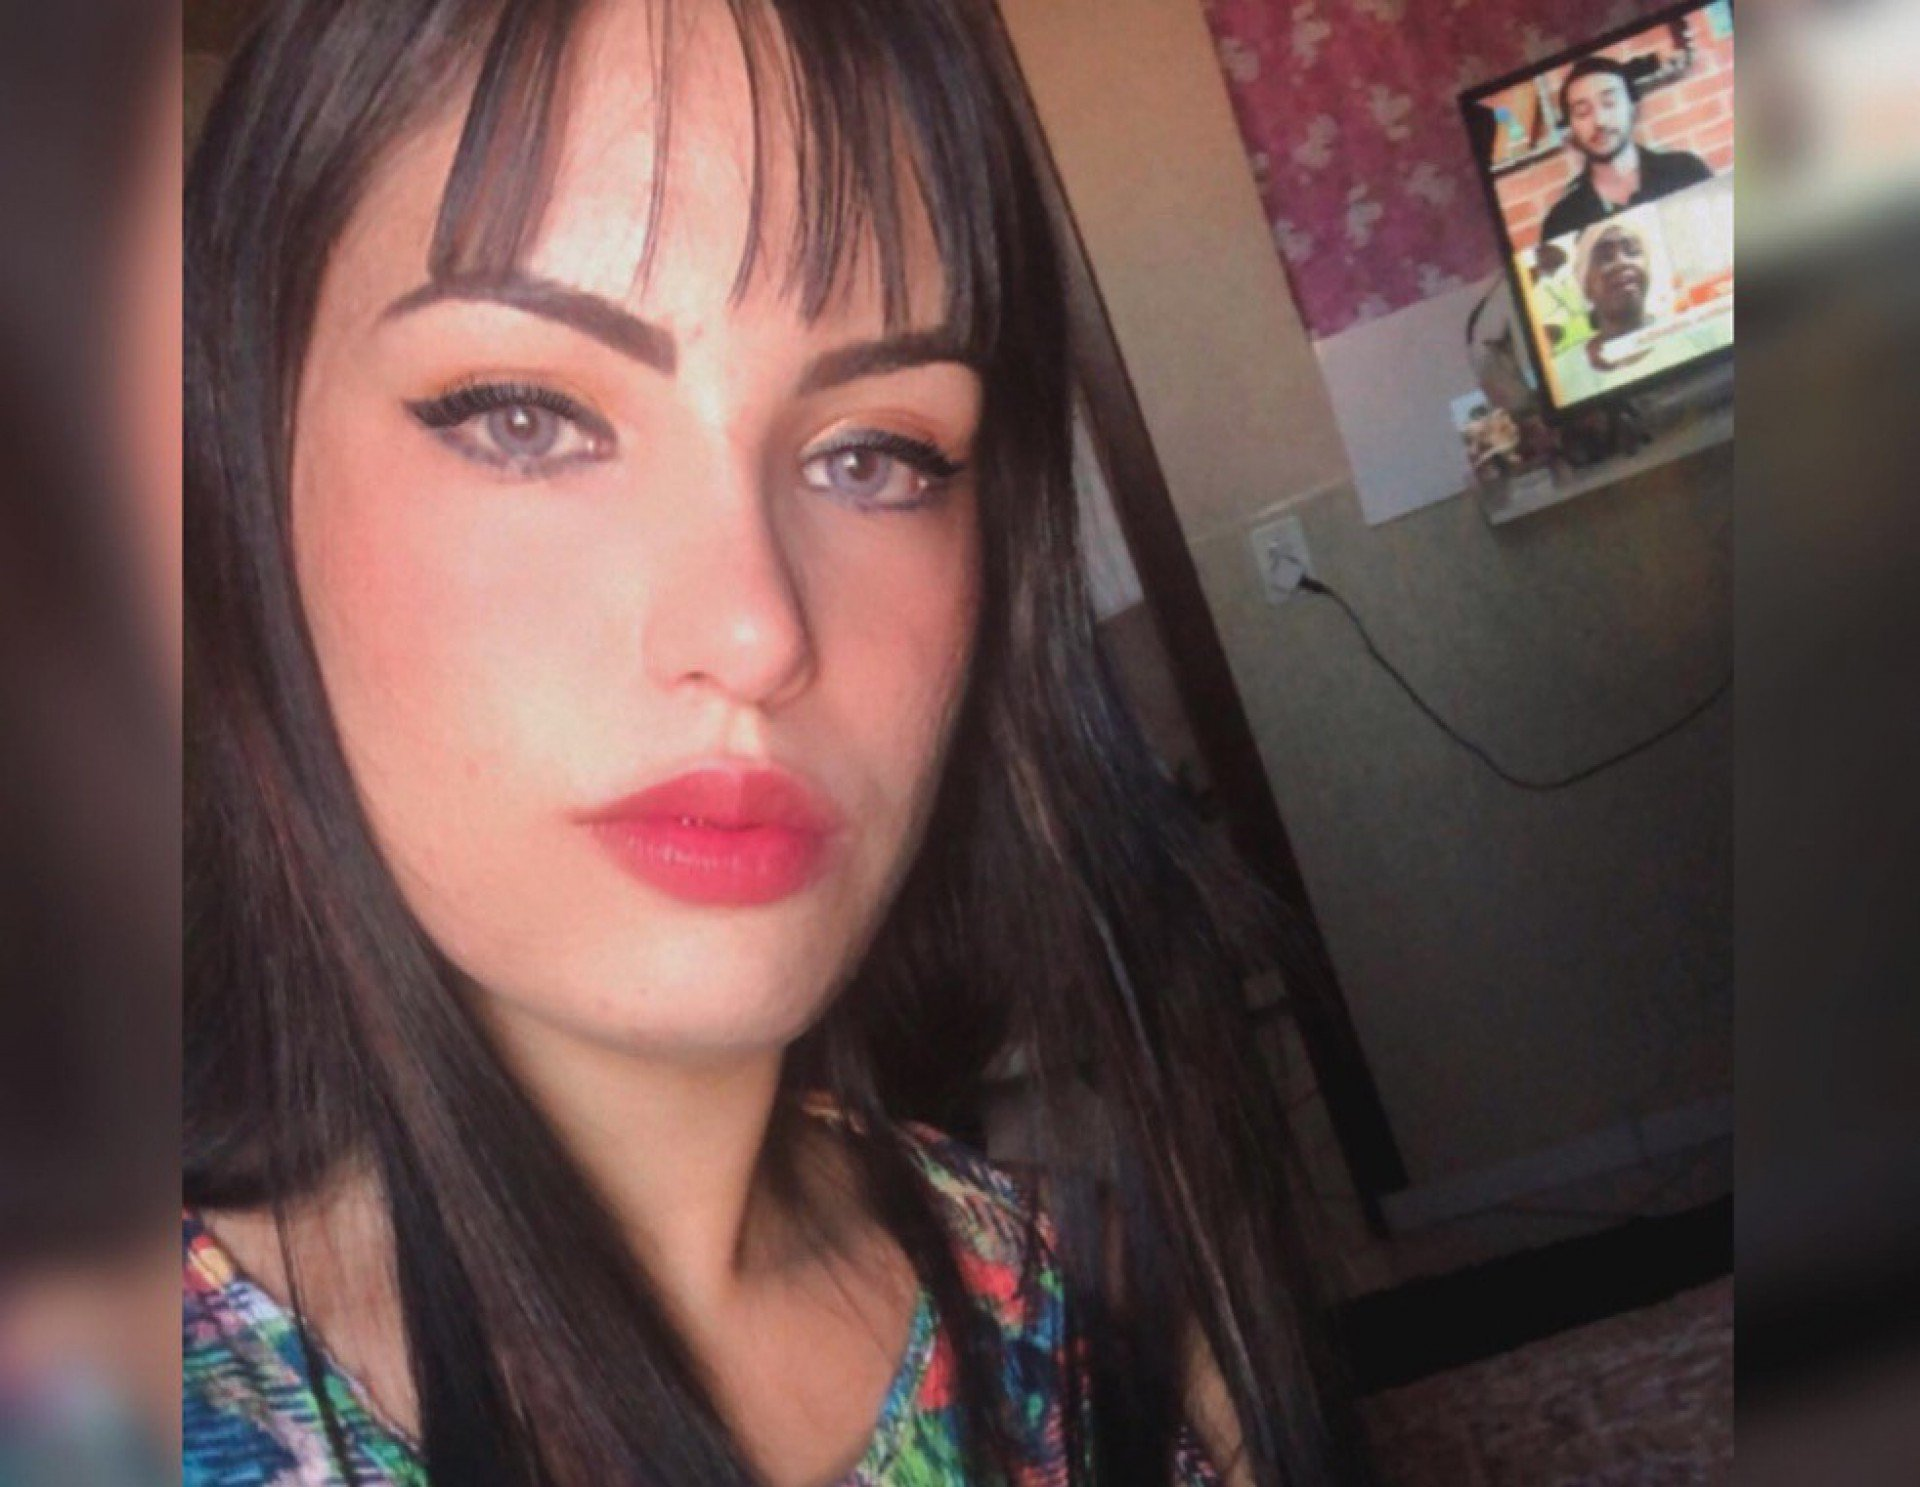 Jovem de 21 anos dopou e assassinou idoso com fio de antena de TV - Reprodução Facebook